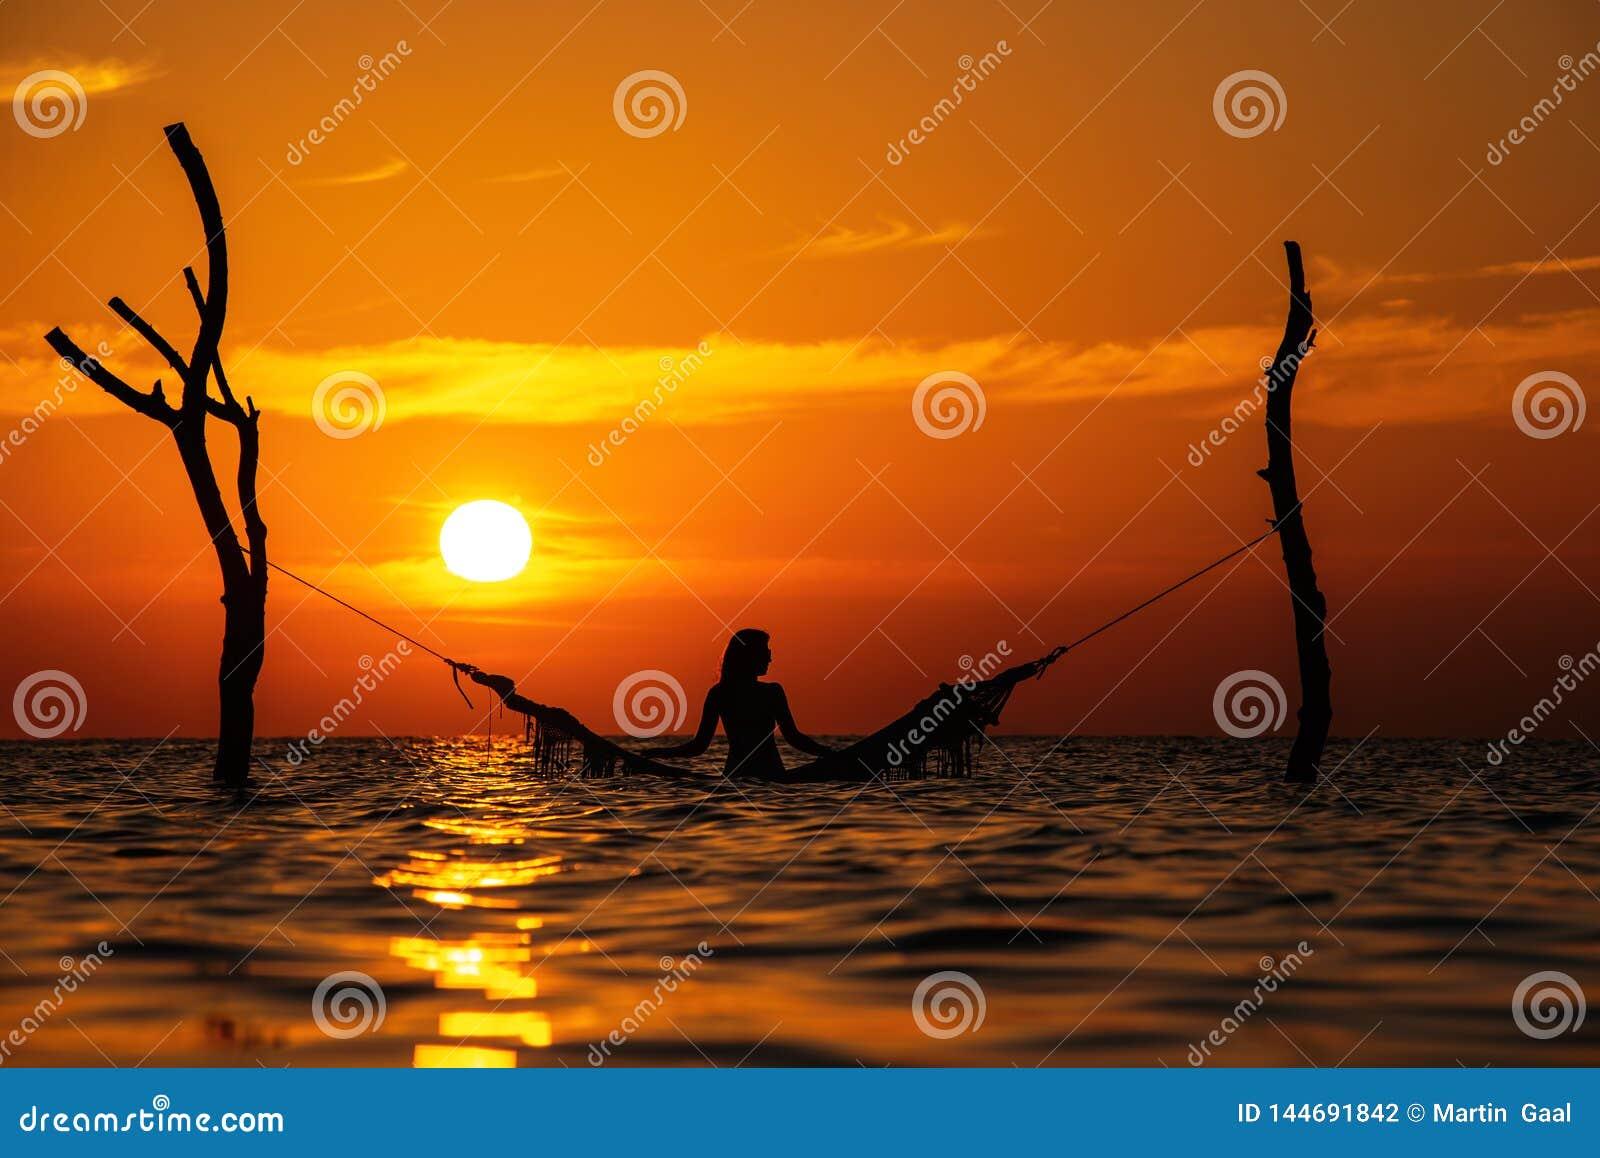 Piękna młodej kobiety sylwetka z huśtawką pozuje w morzu na zmierzchu, maldivian romantyczna sceneria